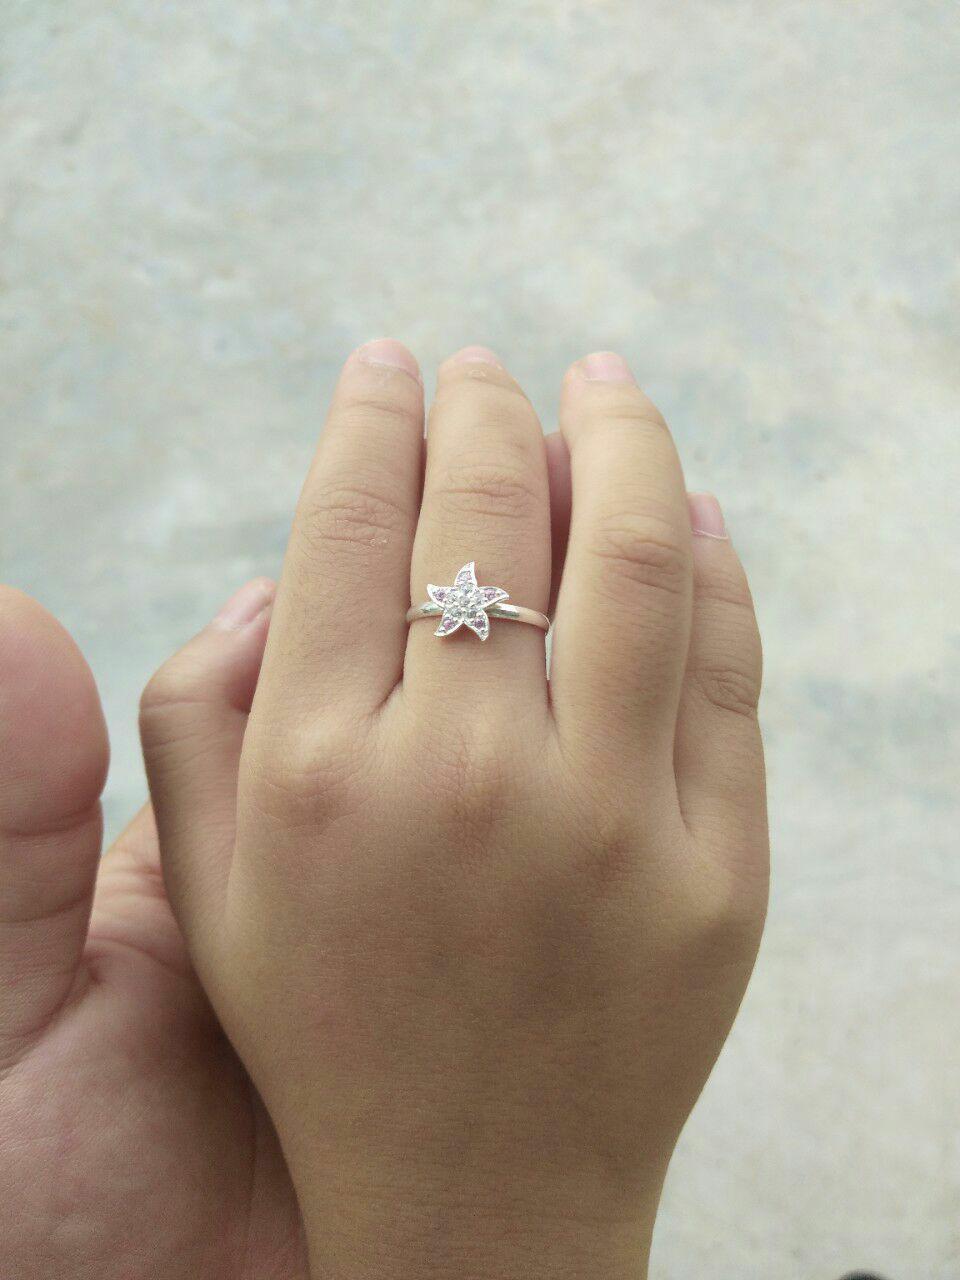 Hình ảnh Nhẫn bạc ta hình ngôi sao đính đá tự nhiên Dành cho bé